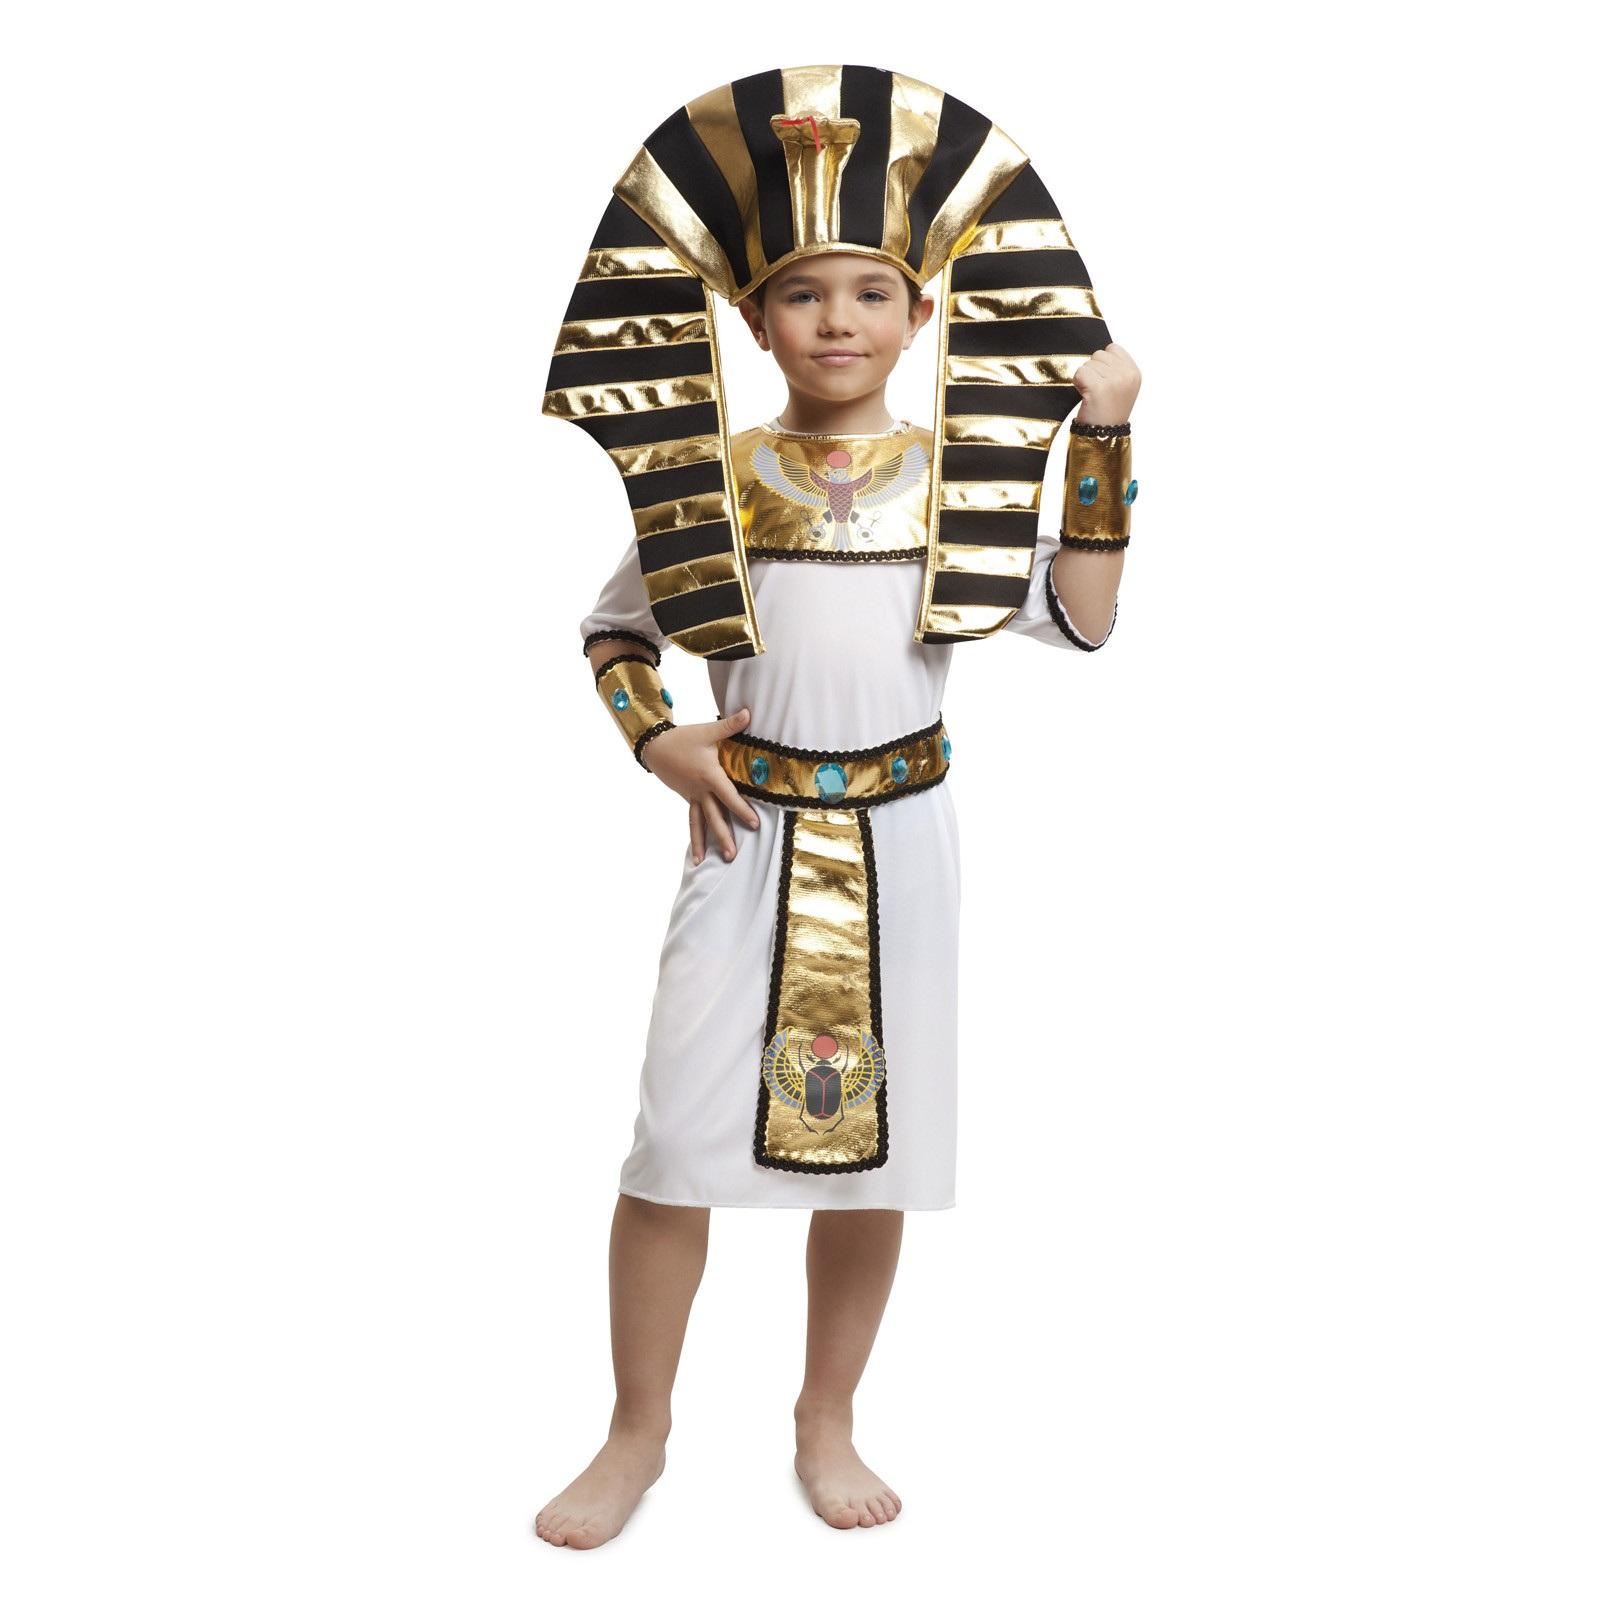 disfraz egipcio oro niño 203370mom - DISFRAZ DE EGIPCIO DORADO NIÑO